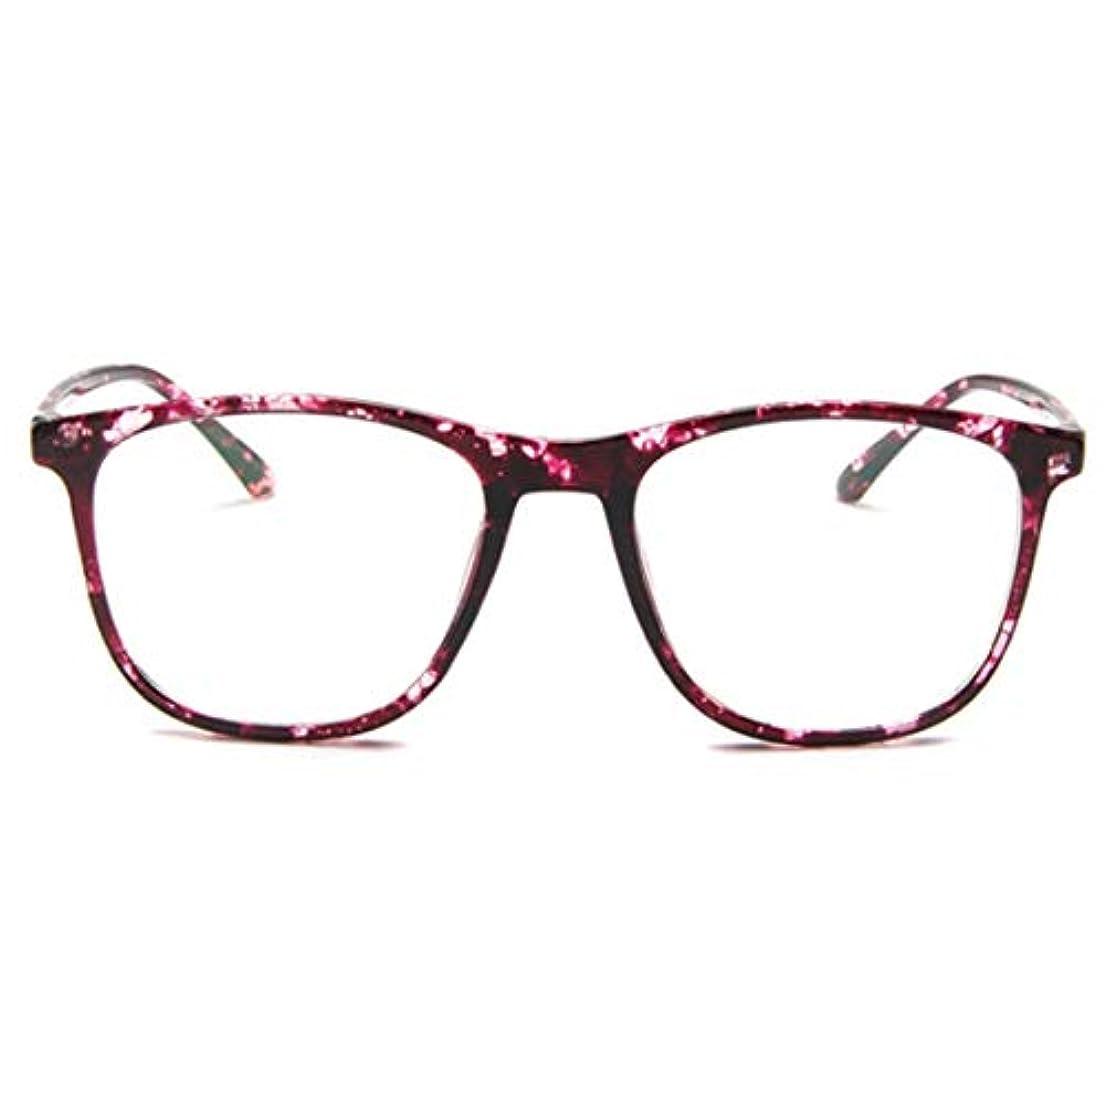 花火孤児プラス韓国の学生のプレーンメガネ男性と女性のファッションメガネフレーム近視メガネフレームファッショナブルなシンプルなメガネ-パープル